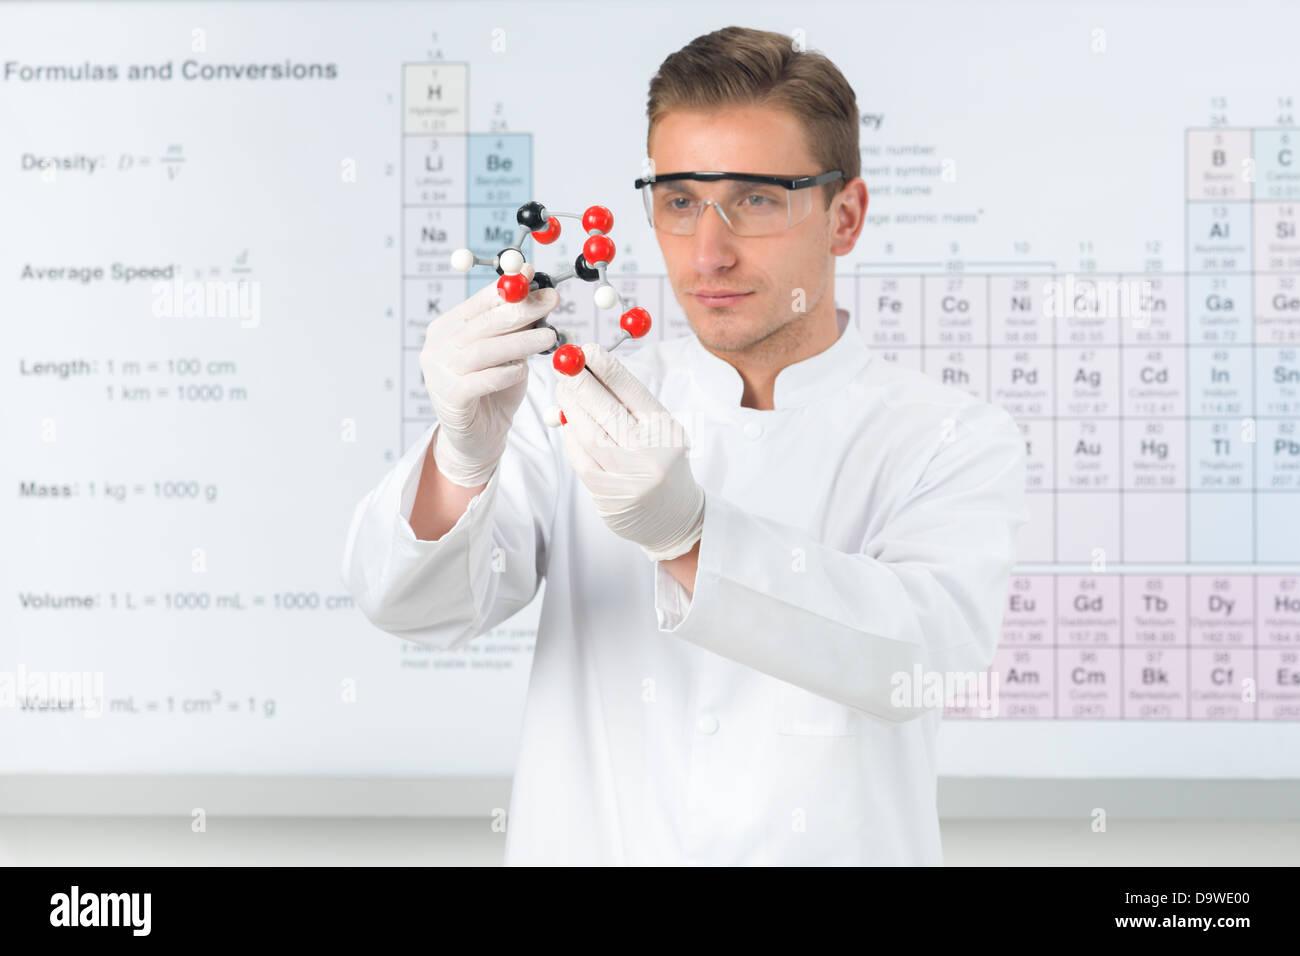 close up de guapo cientfico caucsica vestida de blanco uniforme estudia la estructura molecular con tabla peridica en segundo plano